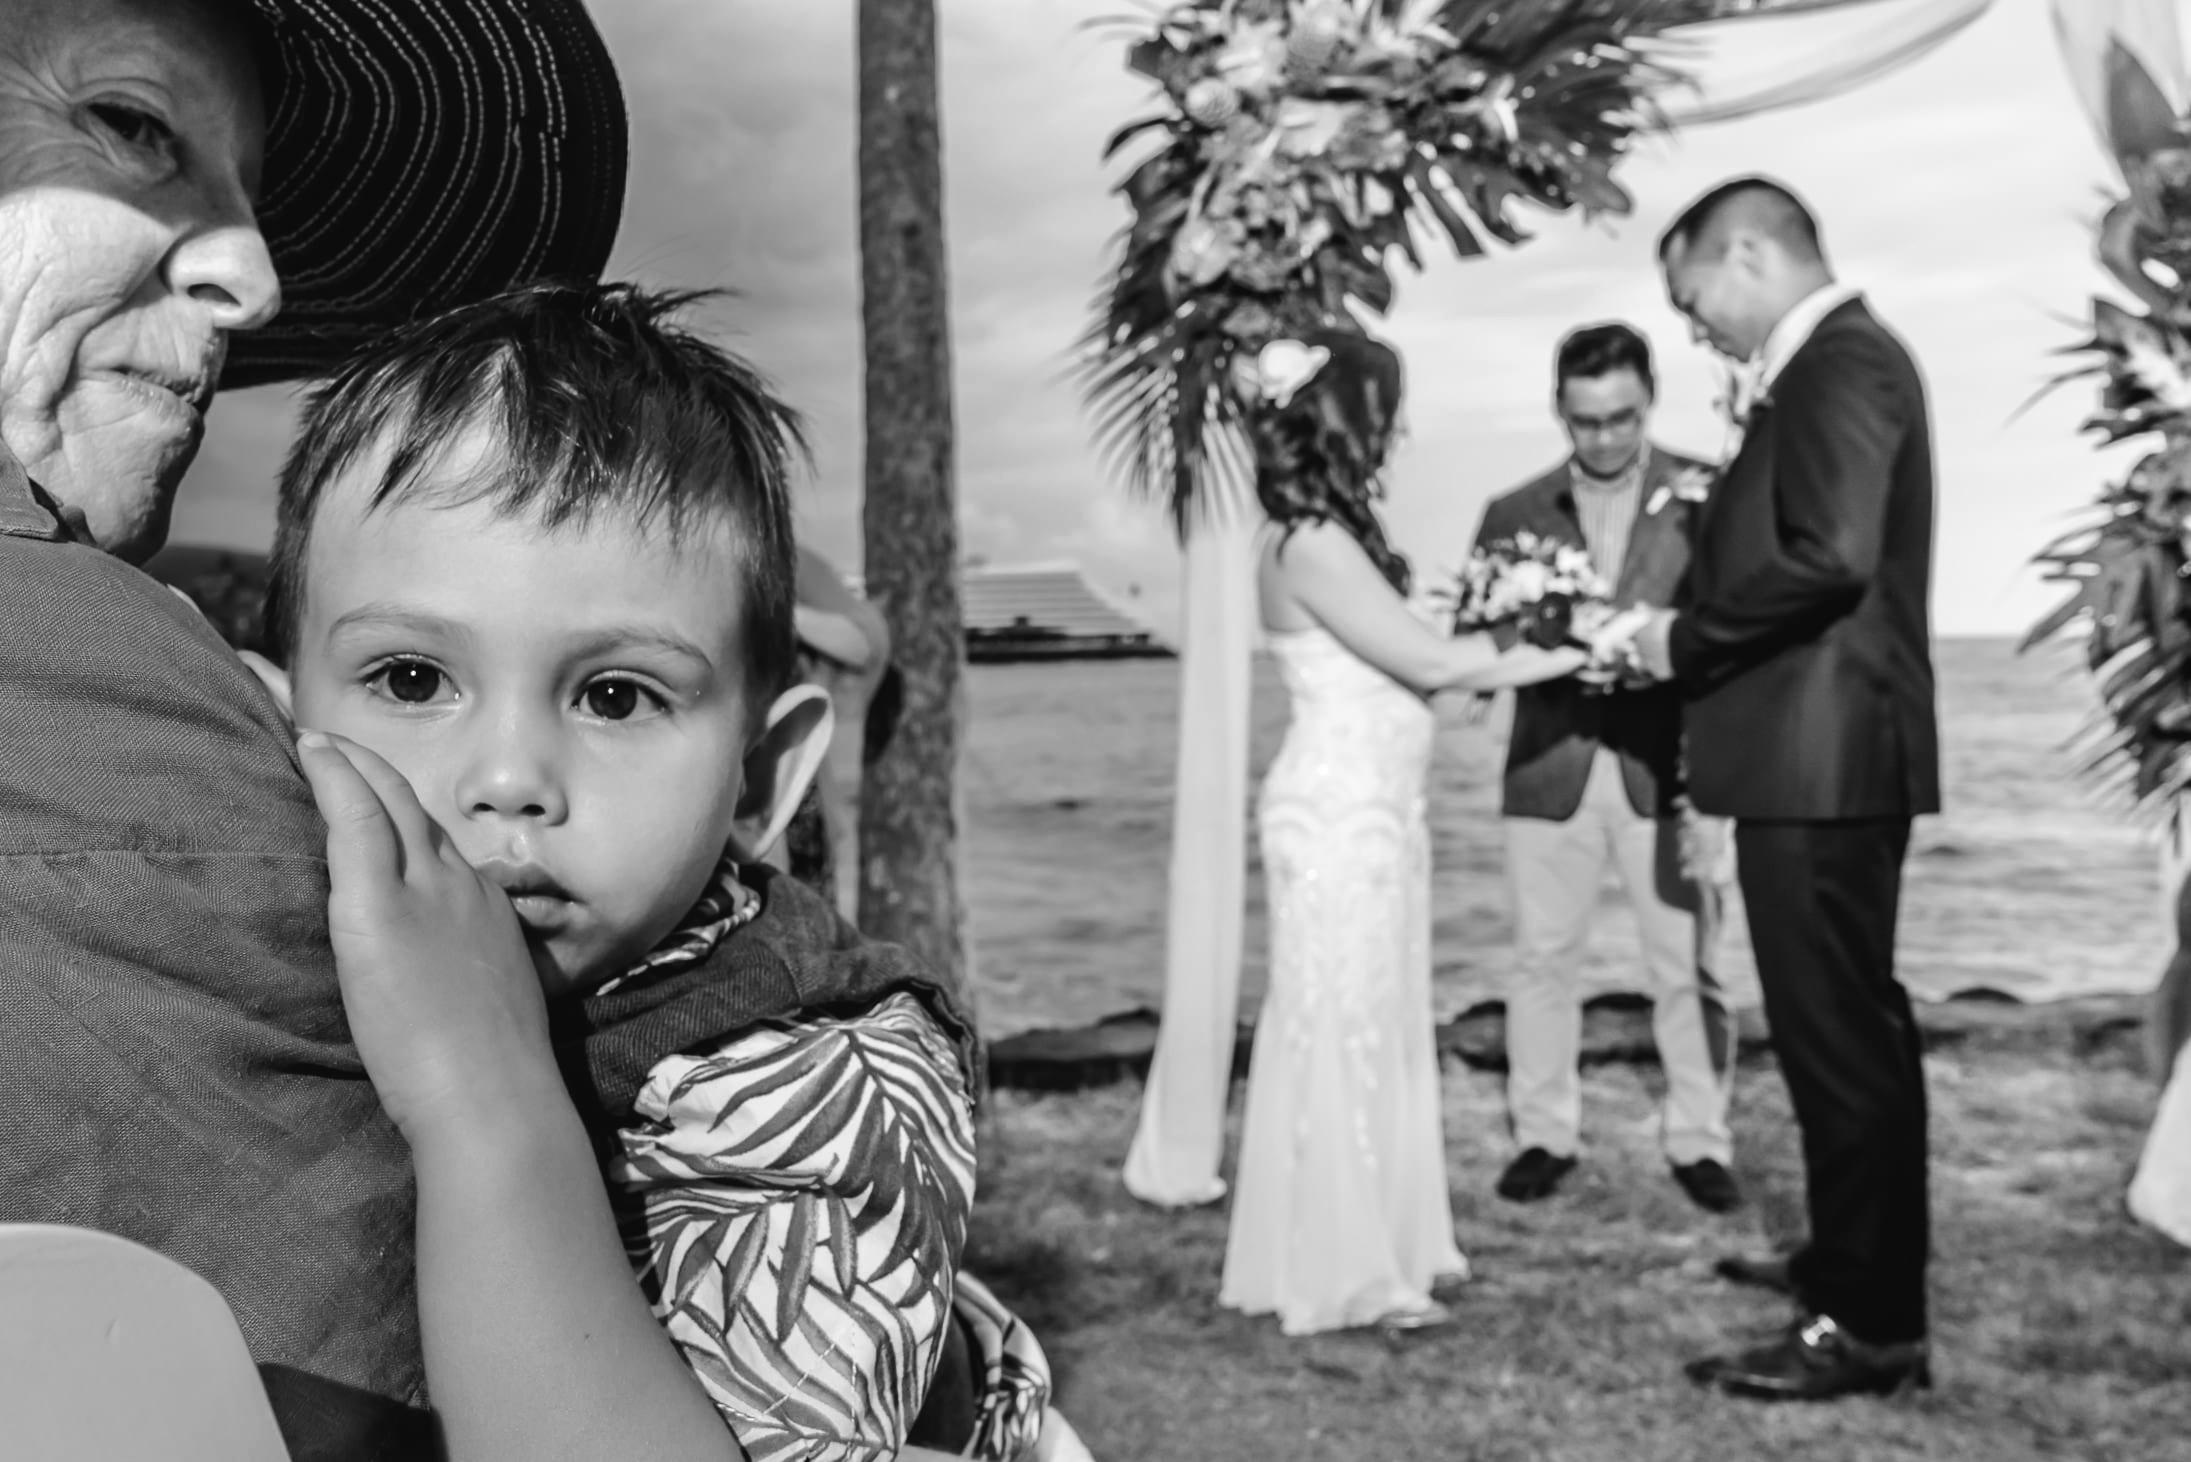 Big-Island-Hawaii-Jade-Keyes-Derrick-Alig-Daylight-Mind-Kailua-Kona-Hawaii-Wedding12.jpg